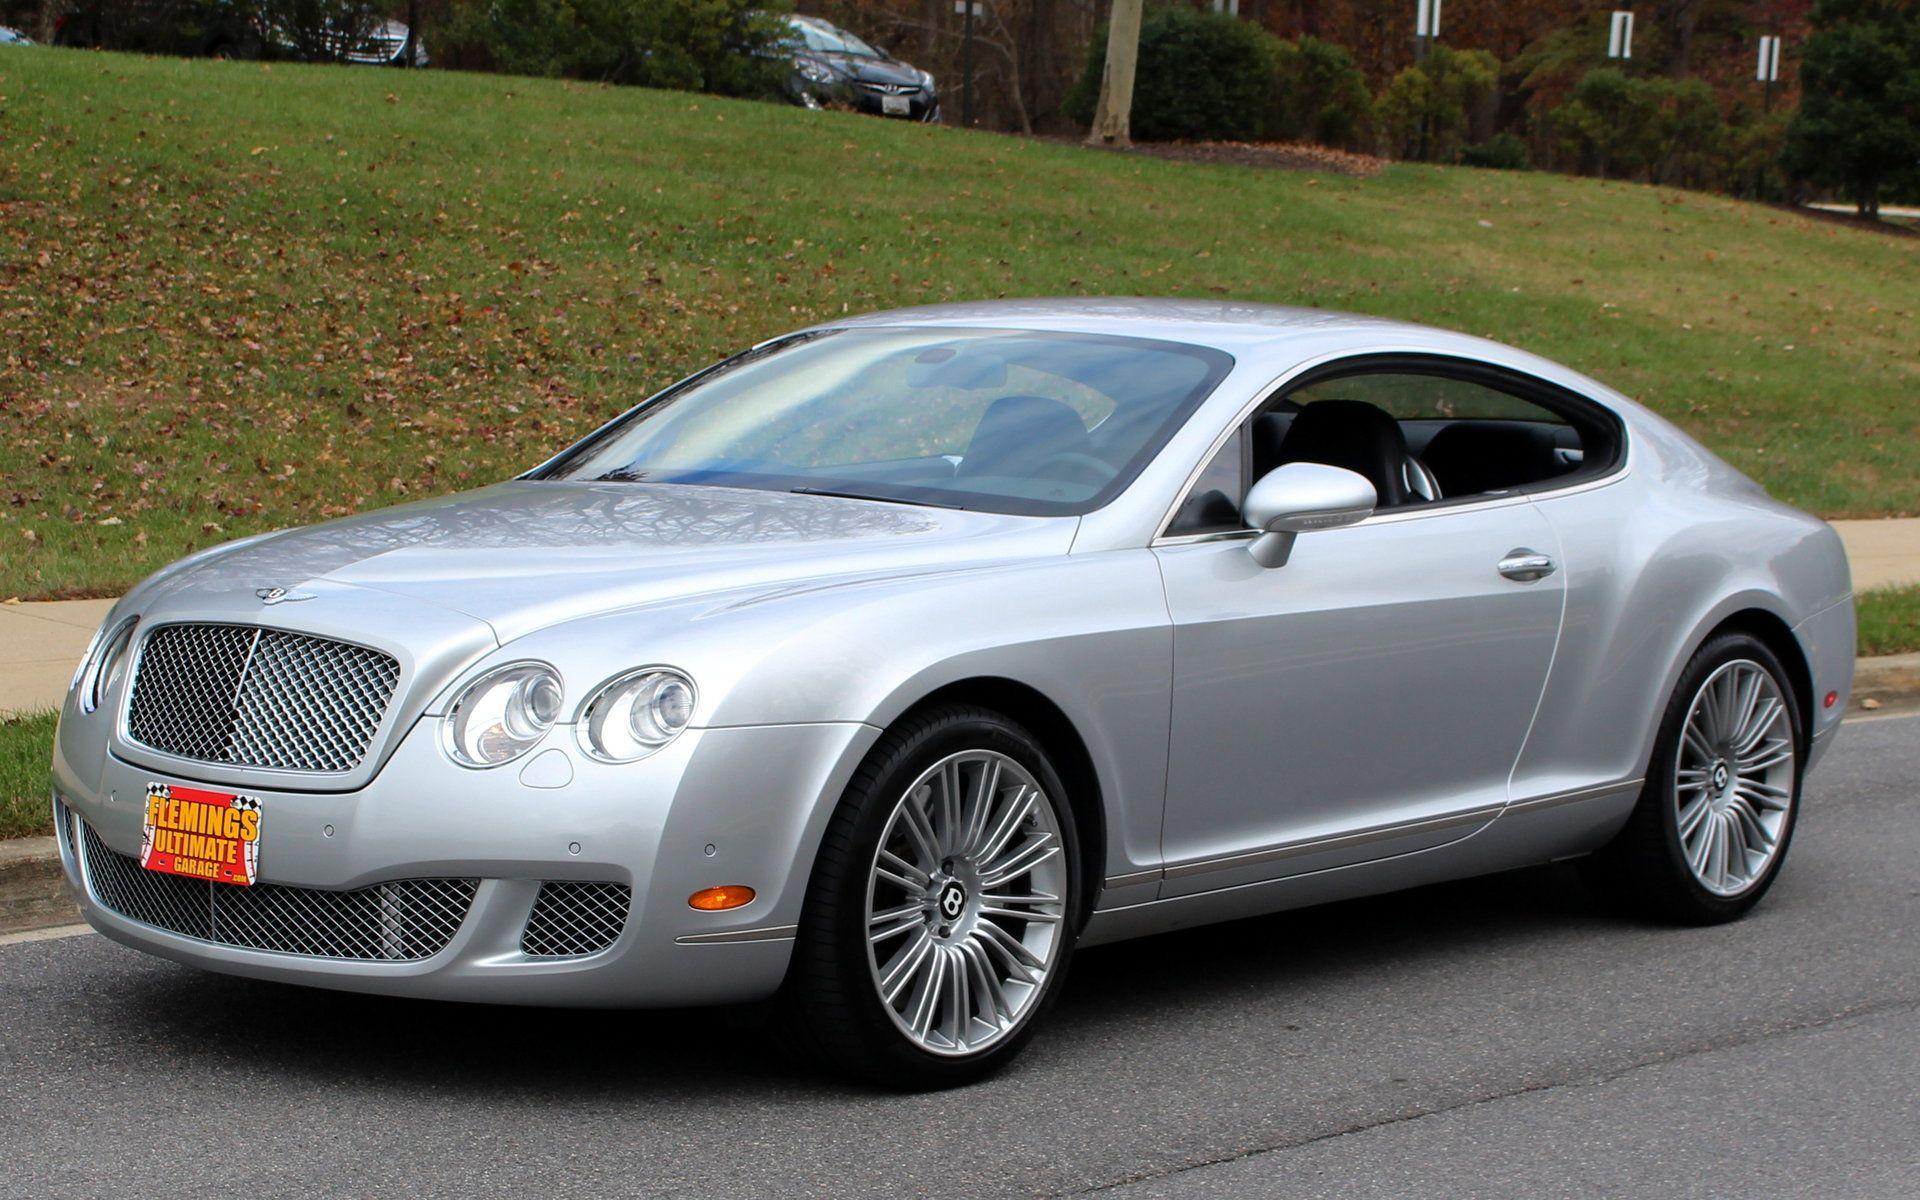 2008 Bentley Continental Gt Owners Manual Bentley Continental Gt Bentley Continental Owners Manuals